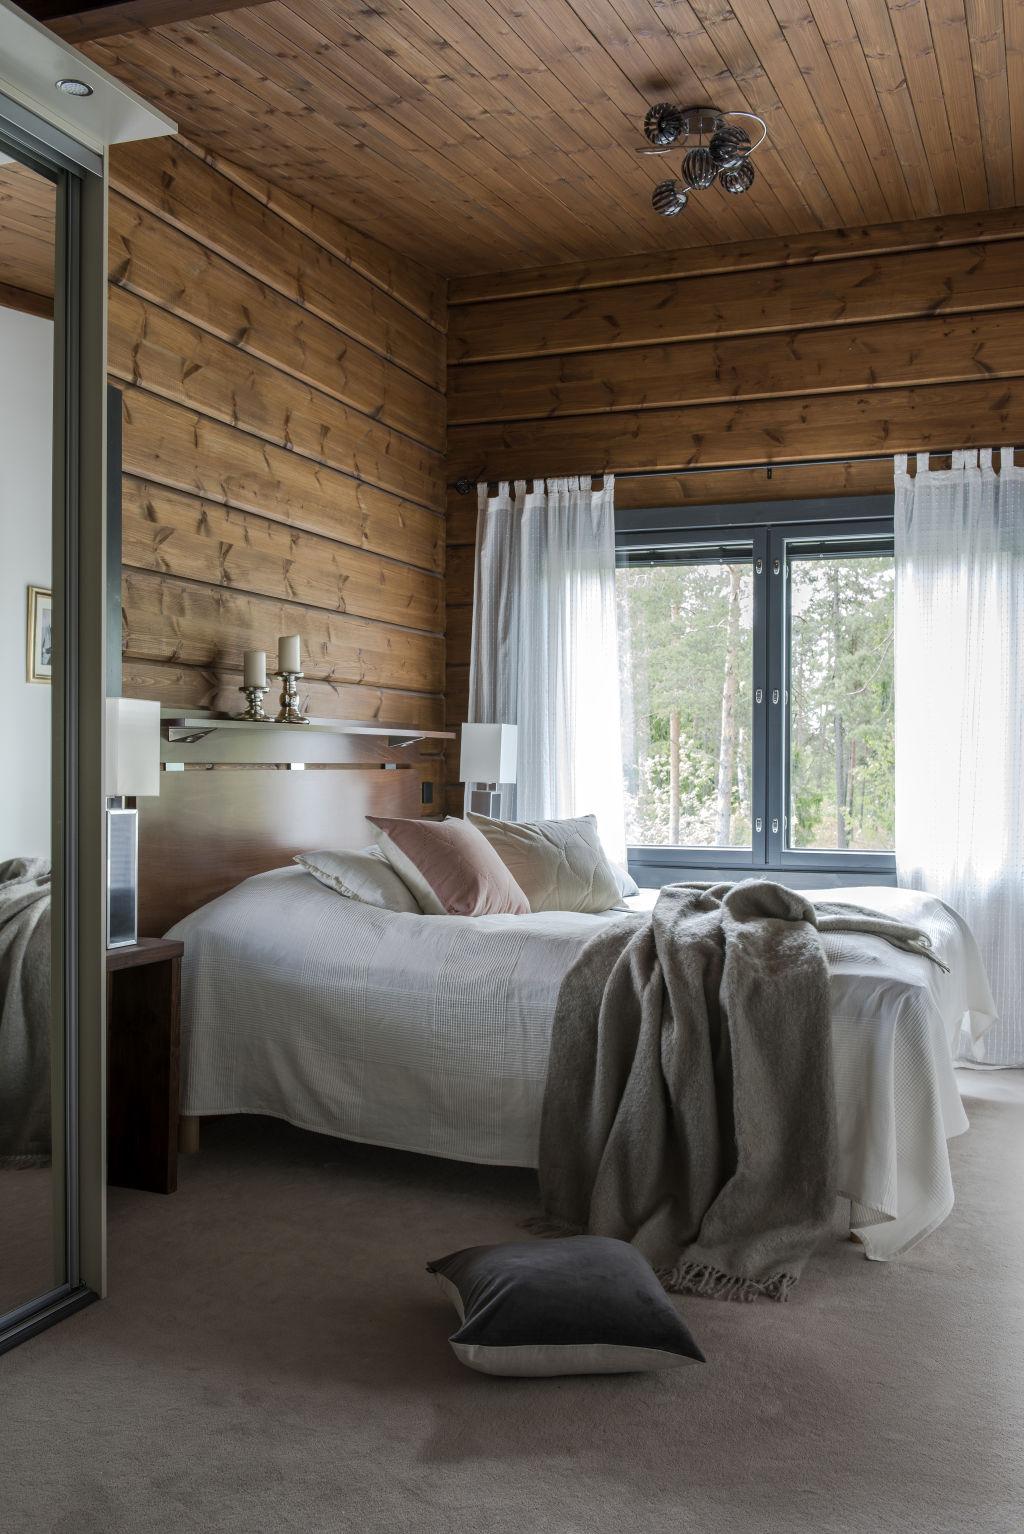 Kontio Kivilahti hirsitalo päämakuuhuone master bedroom kokolattiamatto linum samettityyny lapuan kankurit mohairpeite